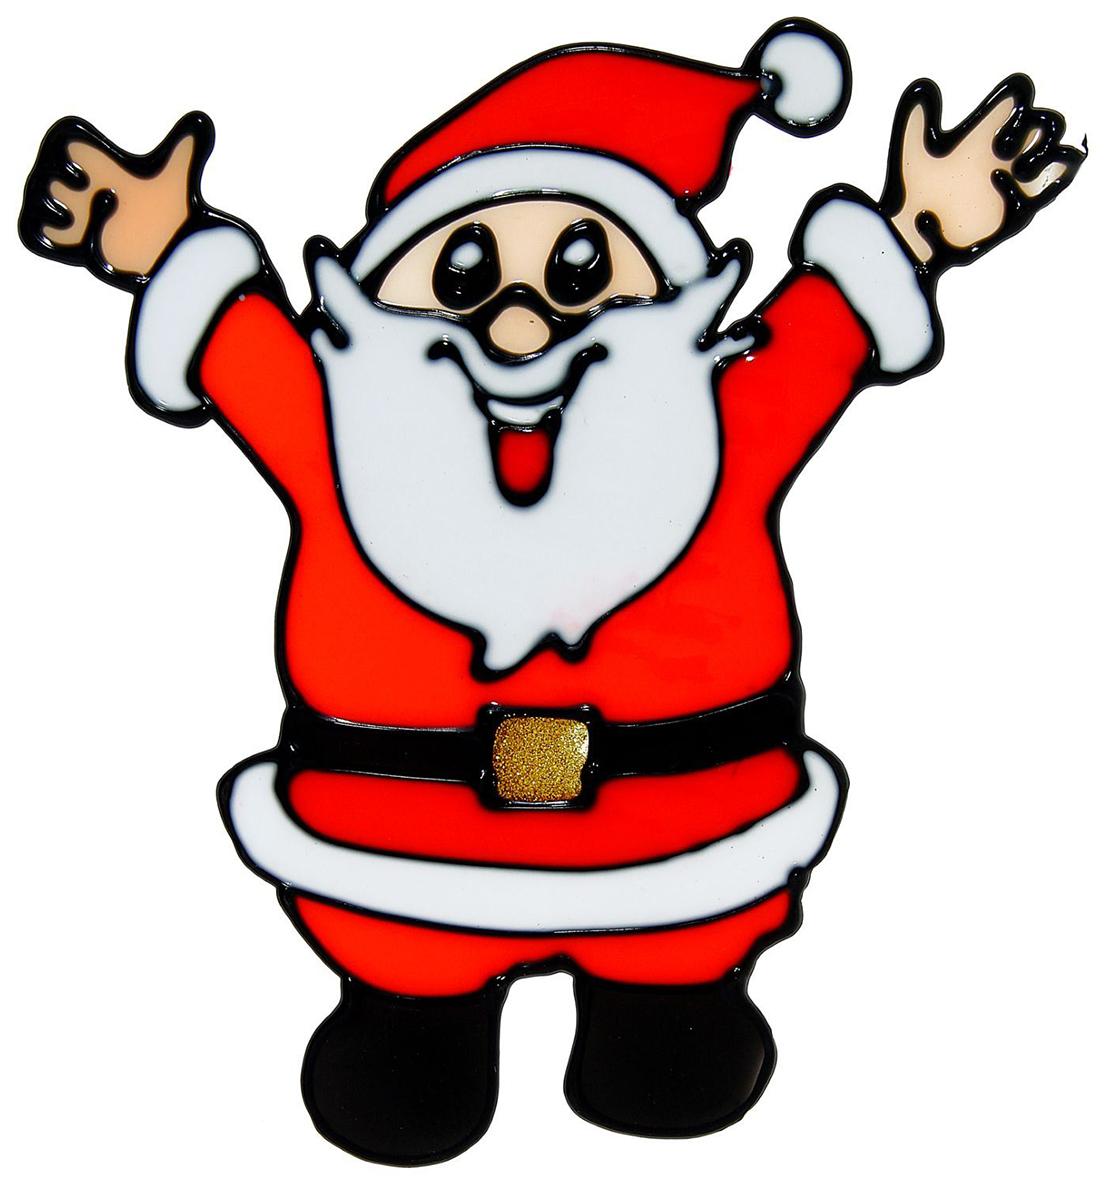 Украшение новогоднее оконное Дед Мороз смеется, 15 х 16,5 см1113580Новогоднее оконное украшение Дед Мороз смеется поможет украсить дом к предстоящим праздникам. Яркая наклейка крепится к гладкой поверхности стекла посредством статического эффекта. С помощью такого украшения вы сможете оживить интерьер по своему вкусу.Новогодние украшения всегда несут в себе волшебство и красоту праздника. Создайте в своем доме атмосферу тепла, веселья и радости, украшая его всей семьей.